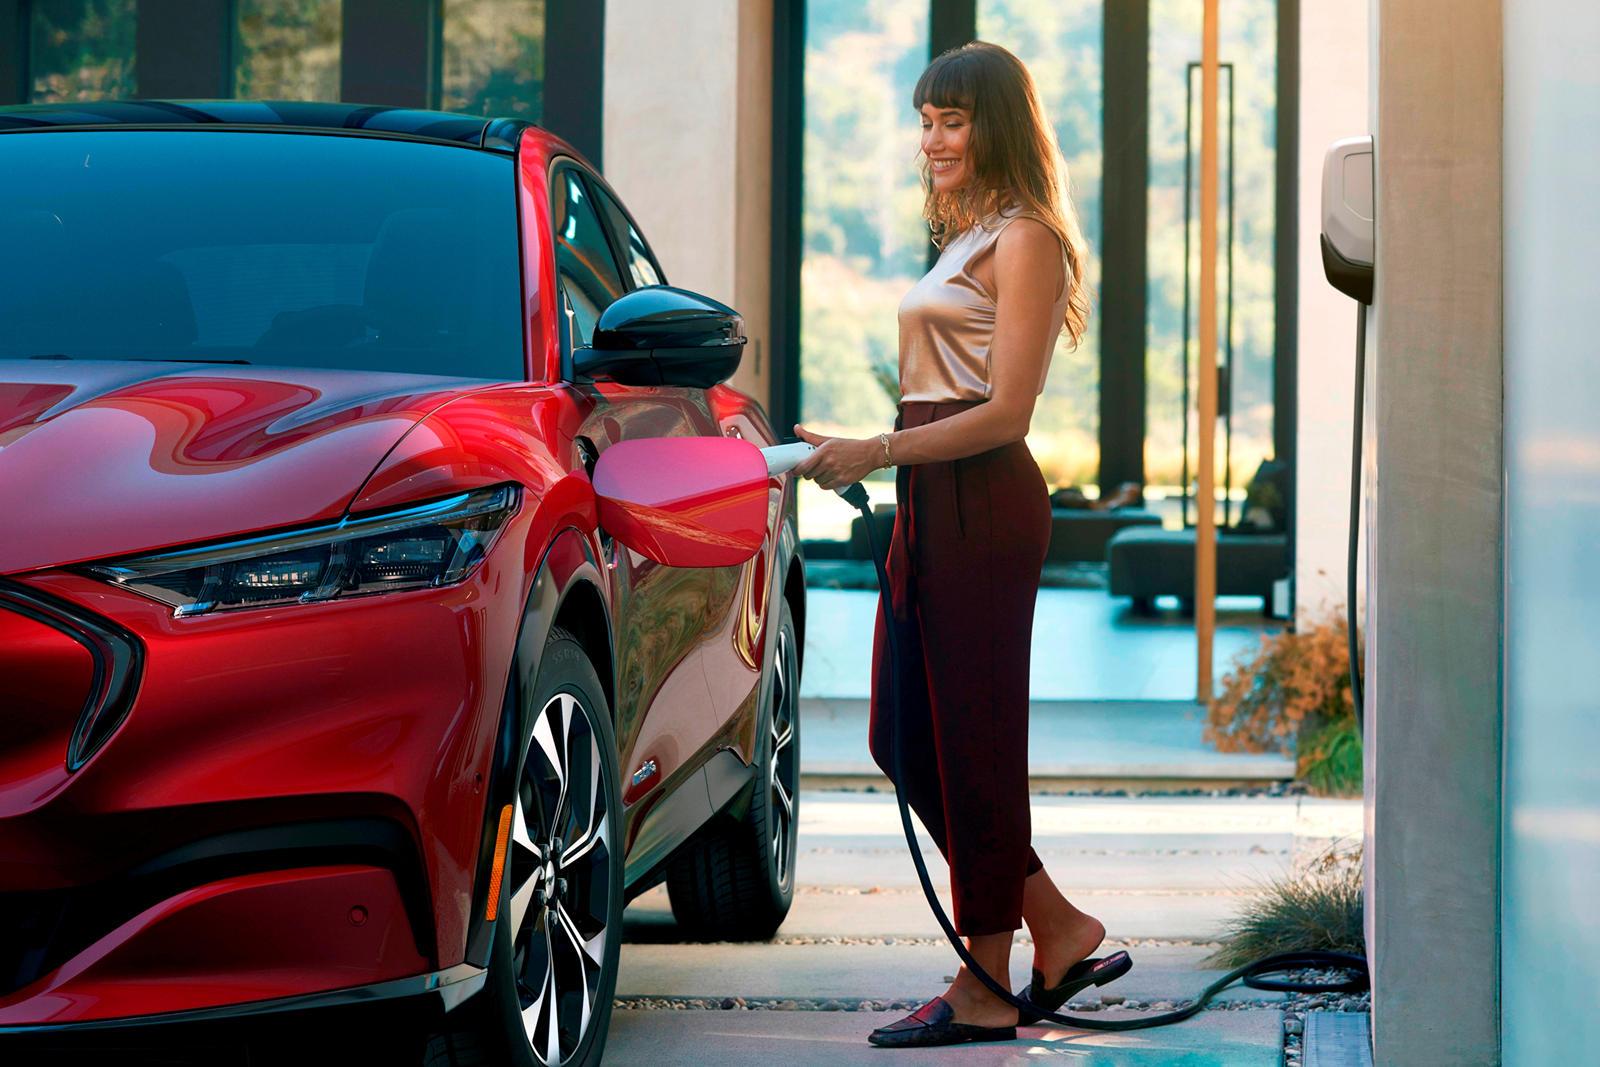 В отличие от любого другого Ford с логотипом Mustang, дальность внедорожника Mustang Mach-E стала горячей темой с момента анонса автомобиля. В конце концов, это территория для полностью электрического автомобиля. В минувшие выходные клиент Mach-E под